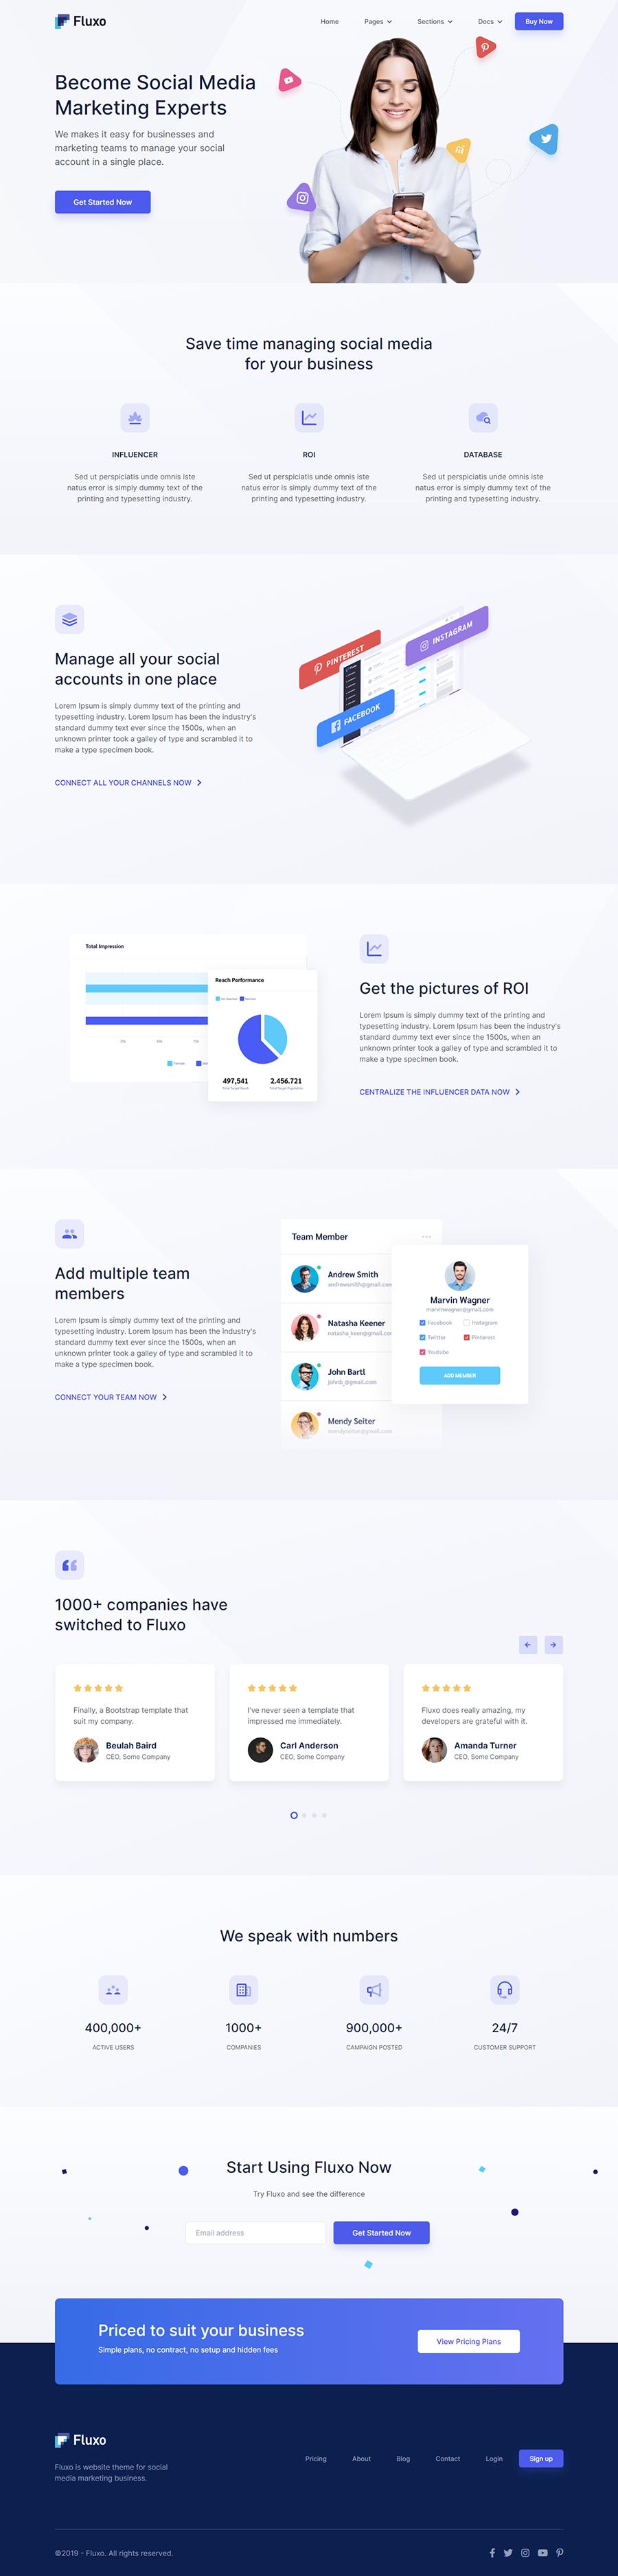 Fluxo – Social Media Marketing